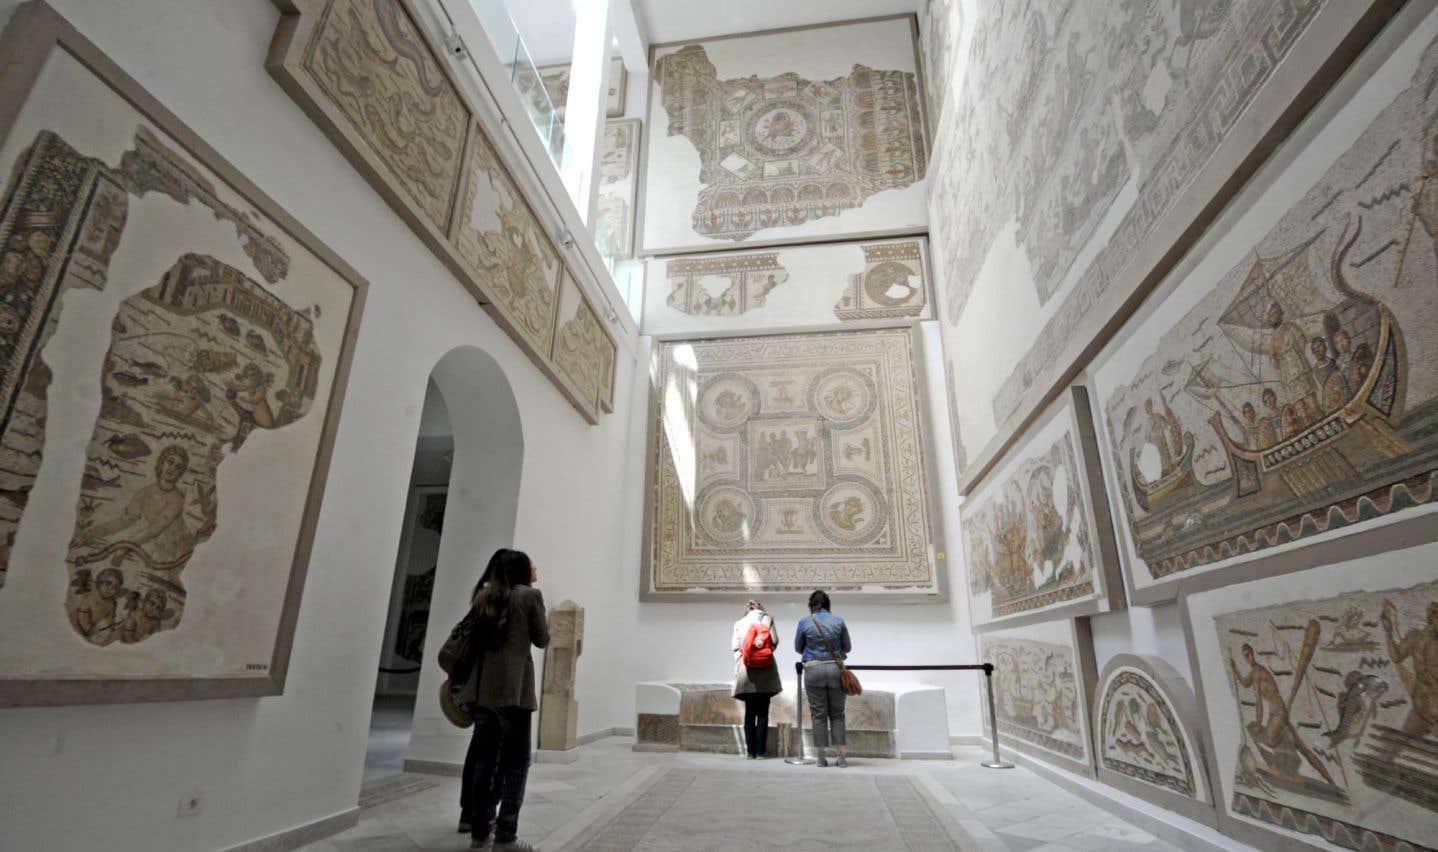 Selon l'archéologue Leïla Ladjimi Sebaï, l'avenir des musées passe par l'archivage virtuel de toutes les œuvres. Ci-dessus: vue d'une salle intérieure du Musée du Bardo.